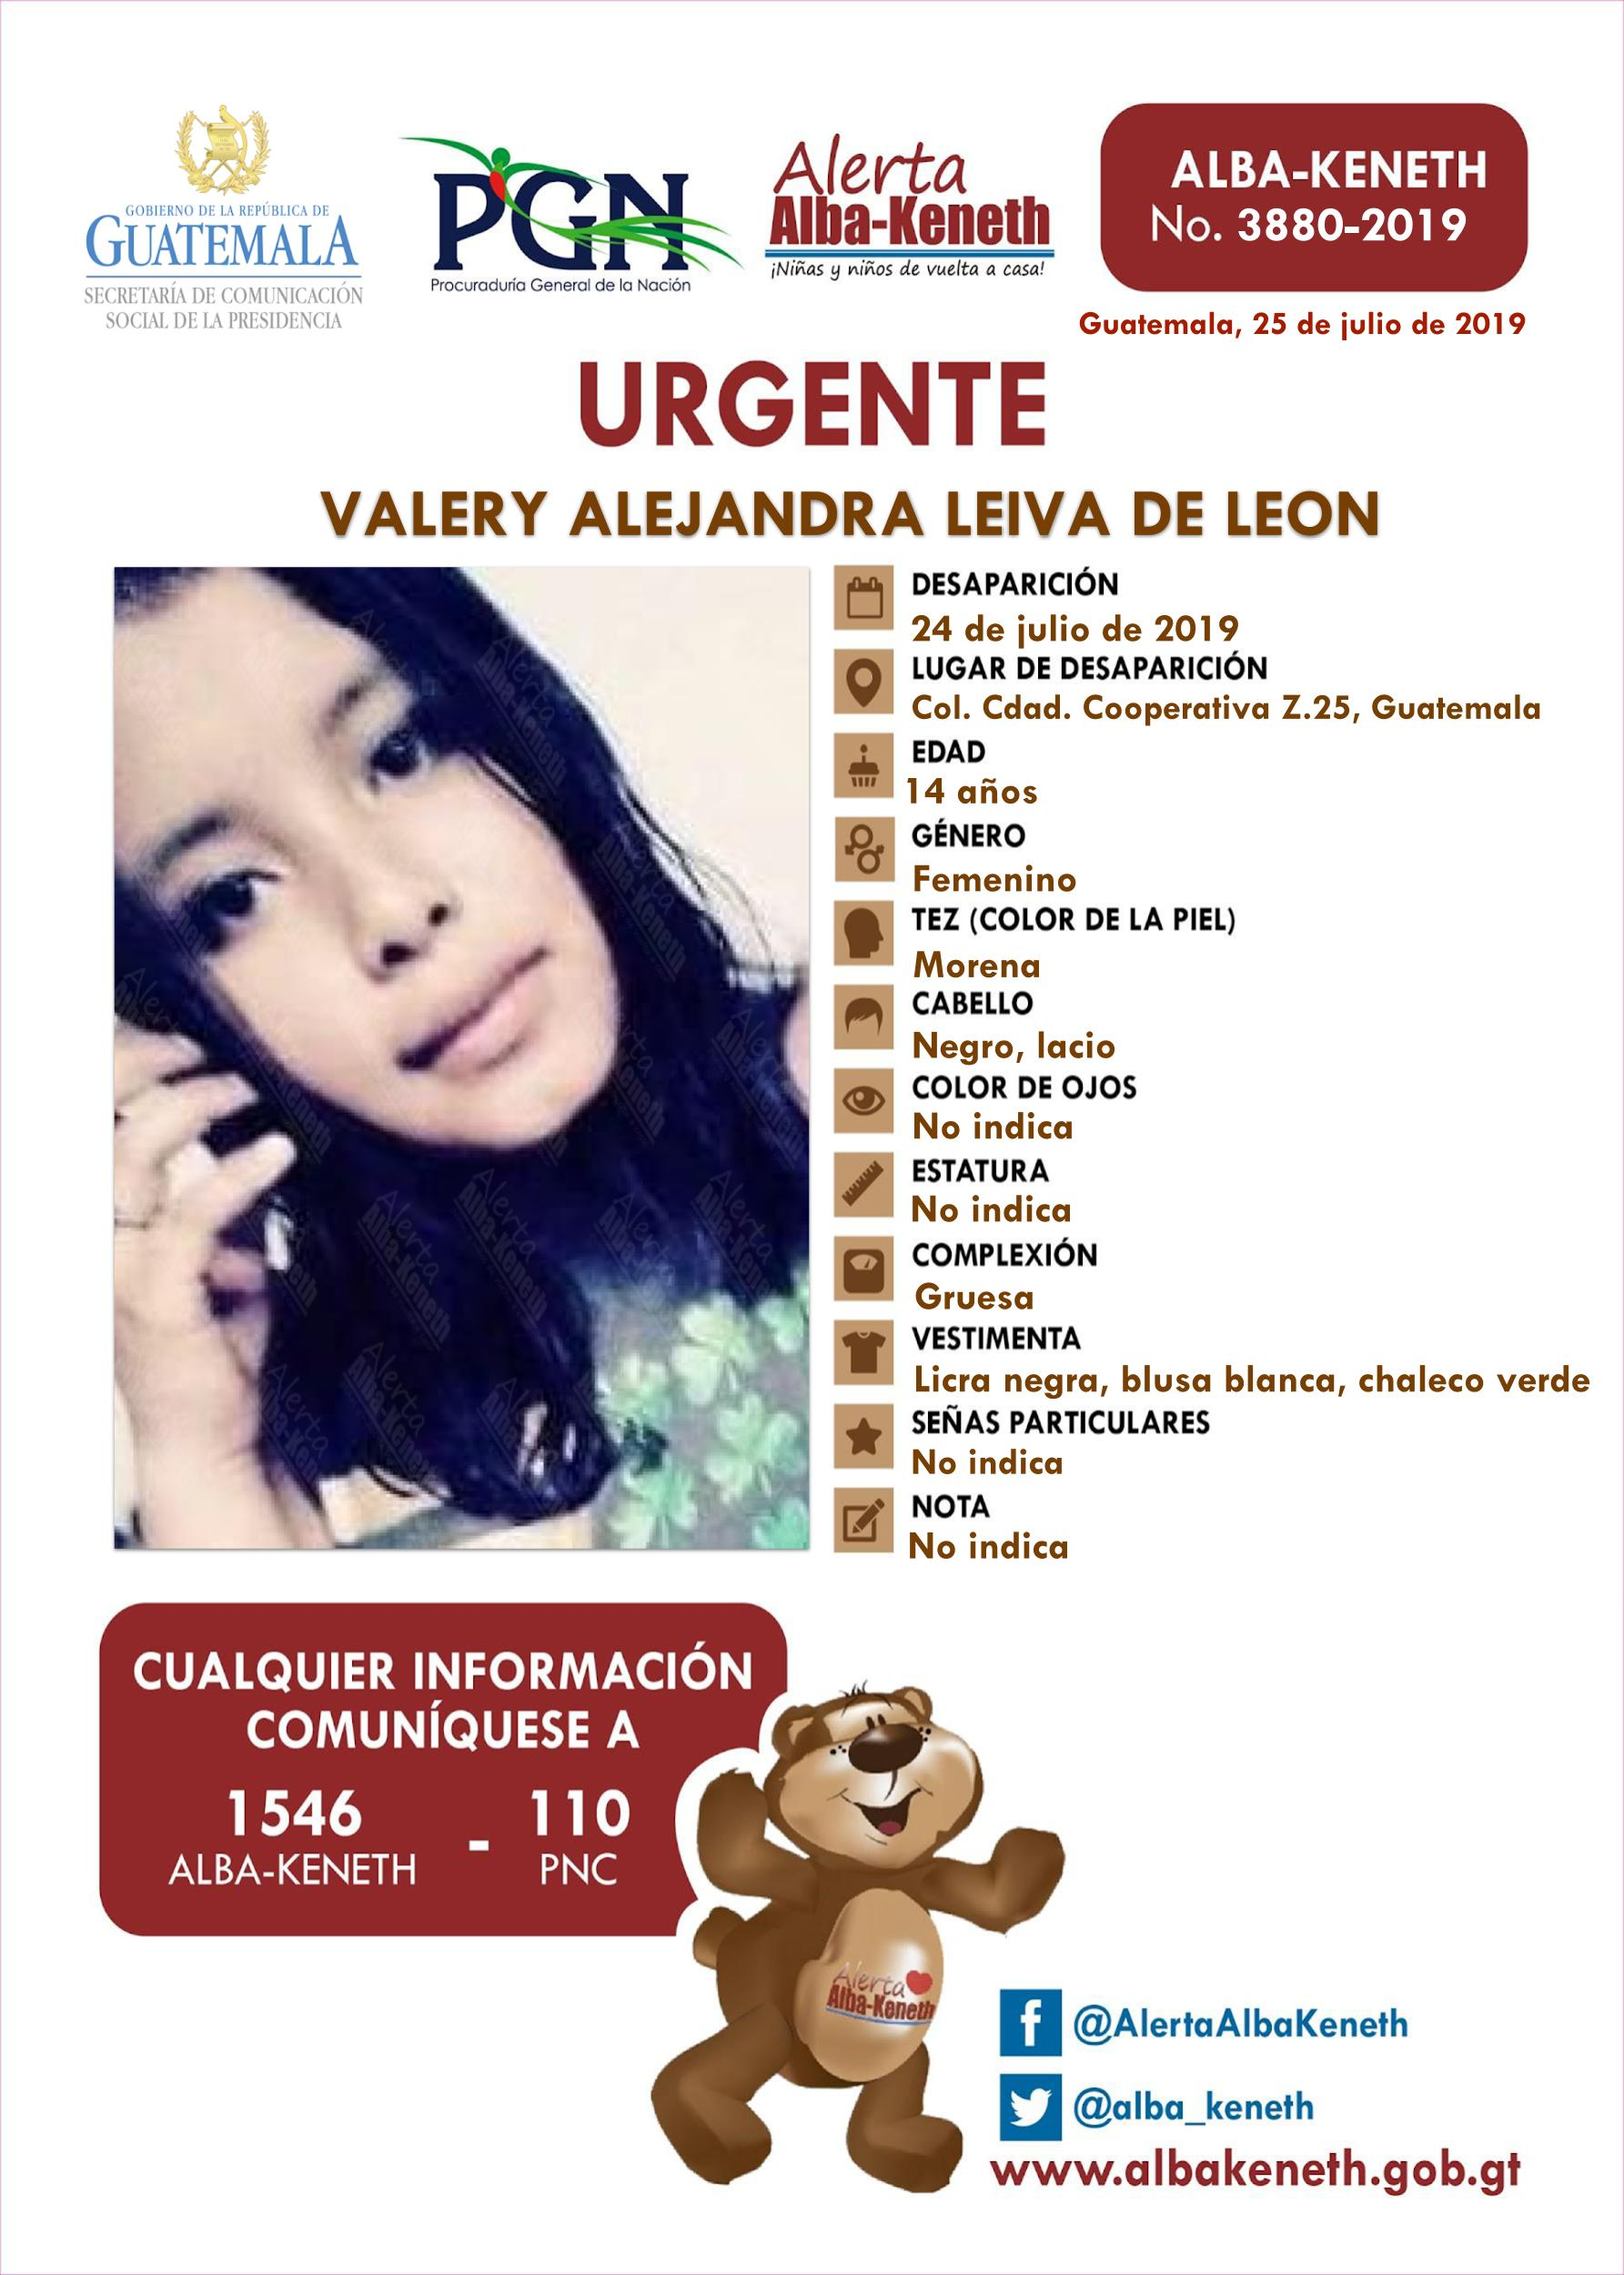 Valery Alejandra Leiva de Leon